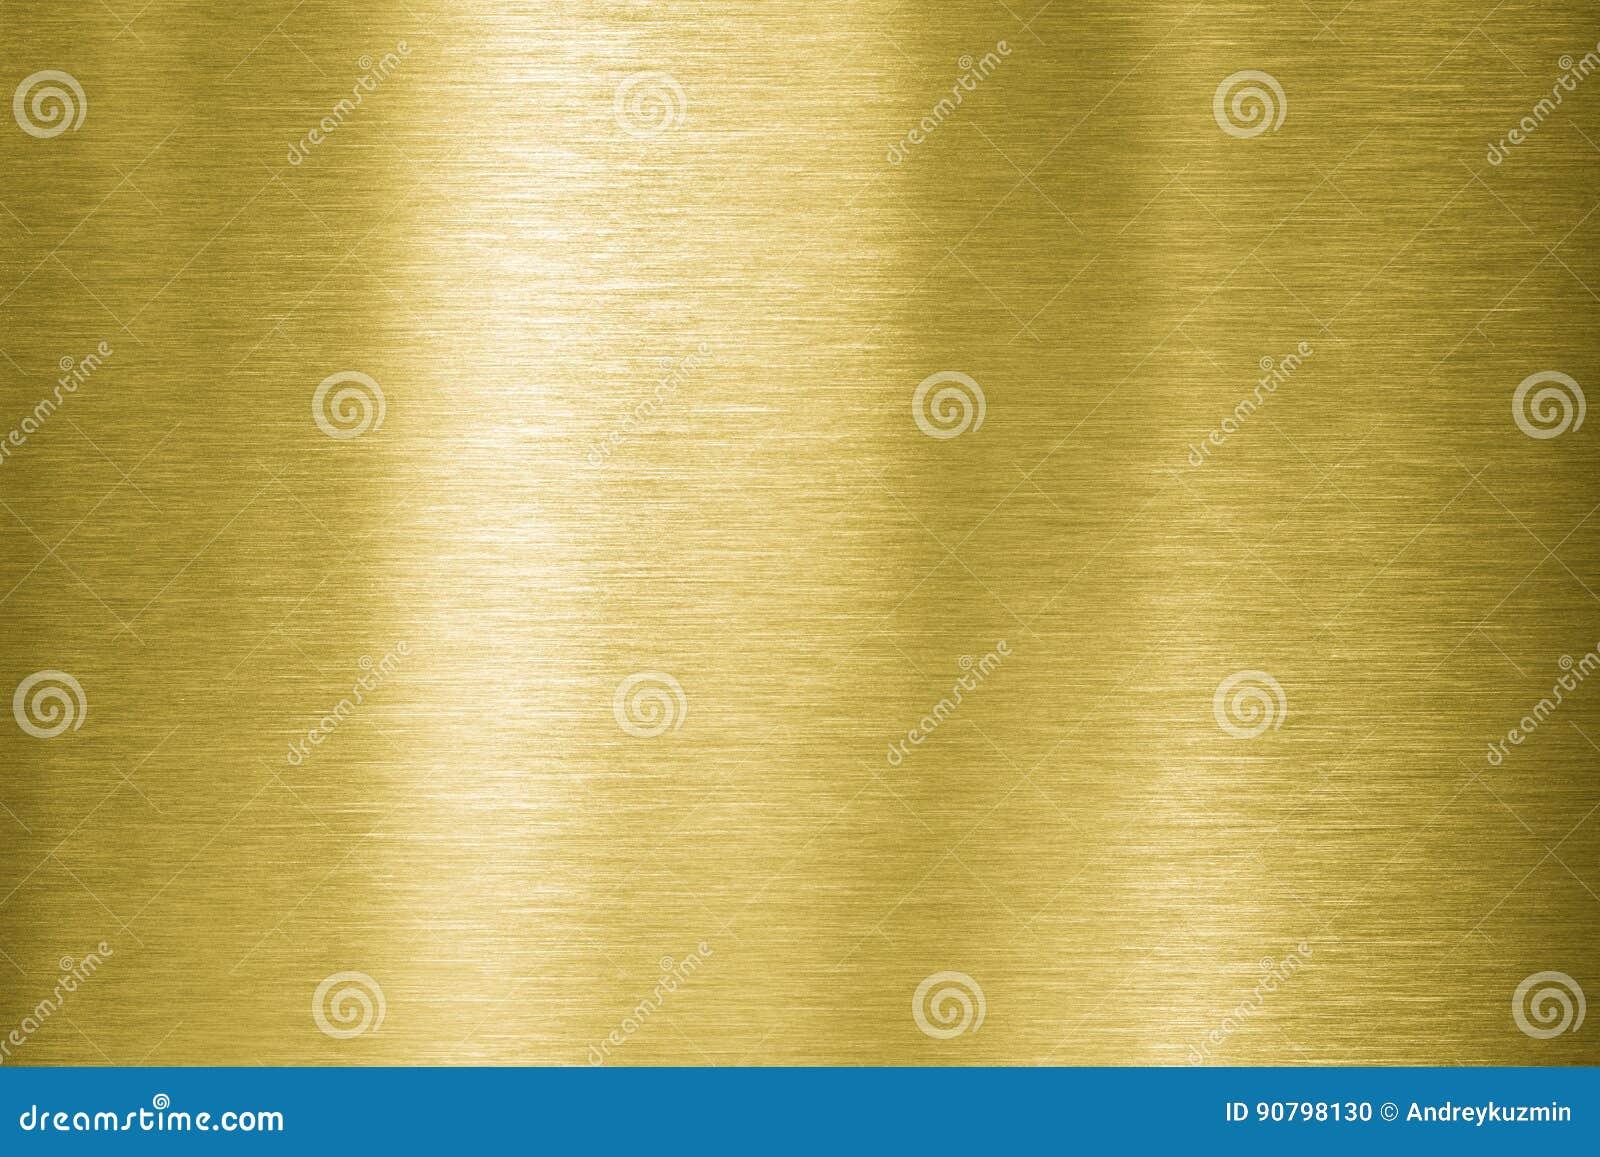 Placa de metal del oro